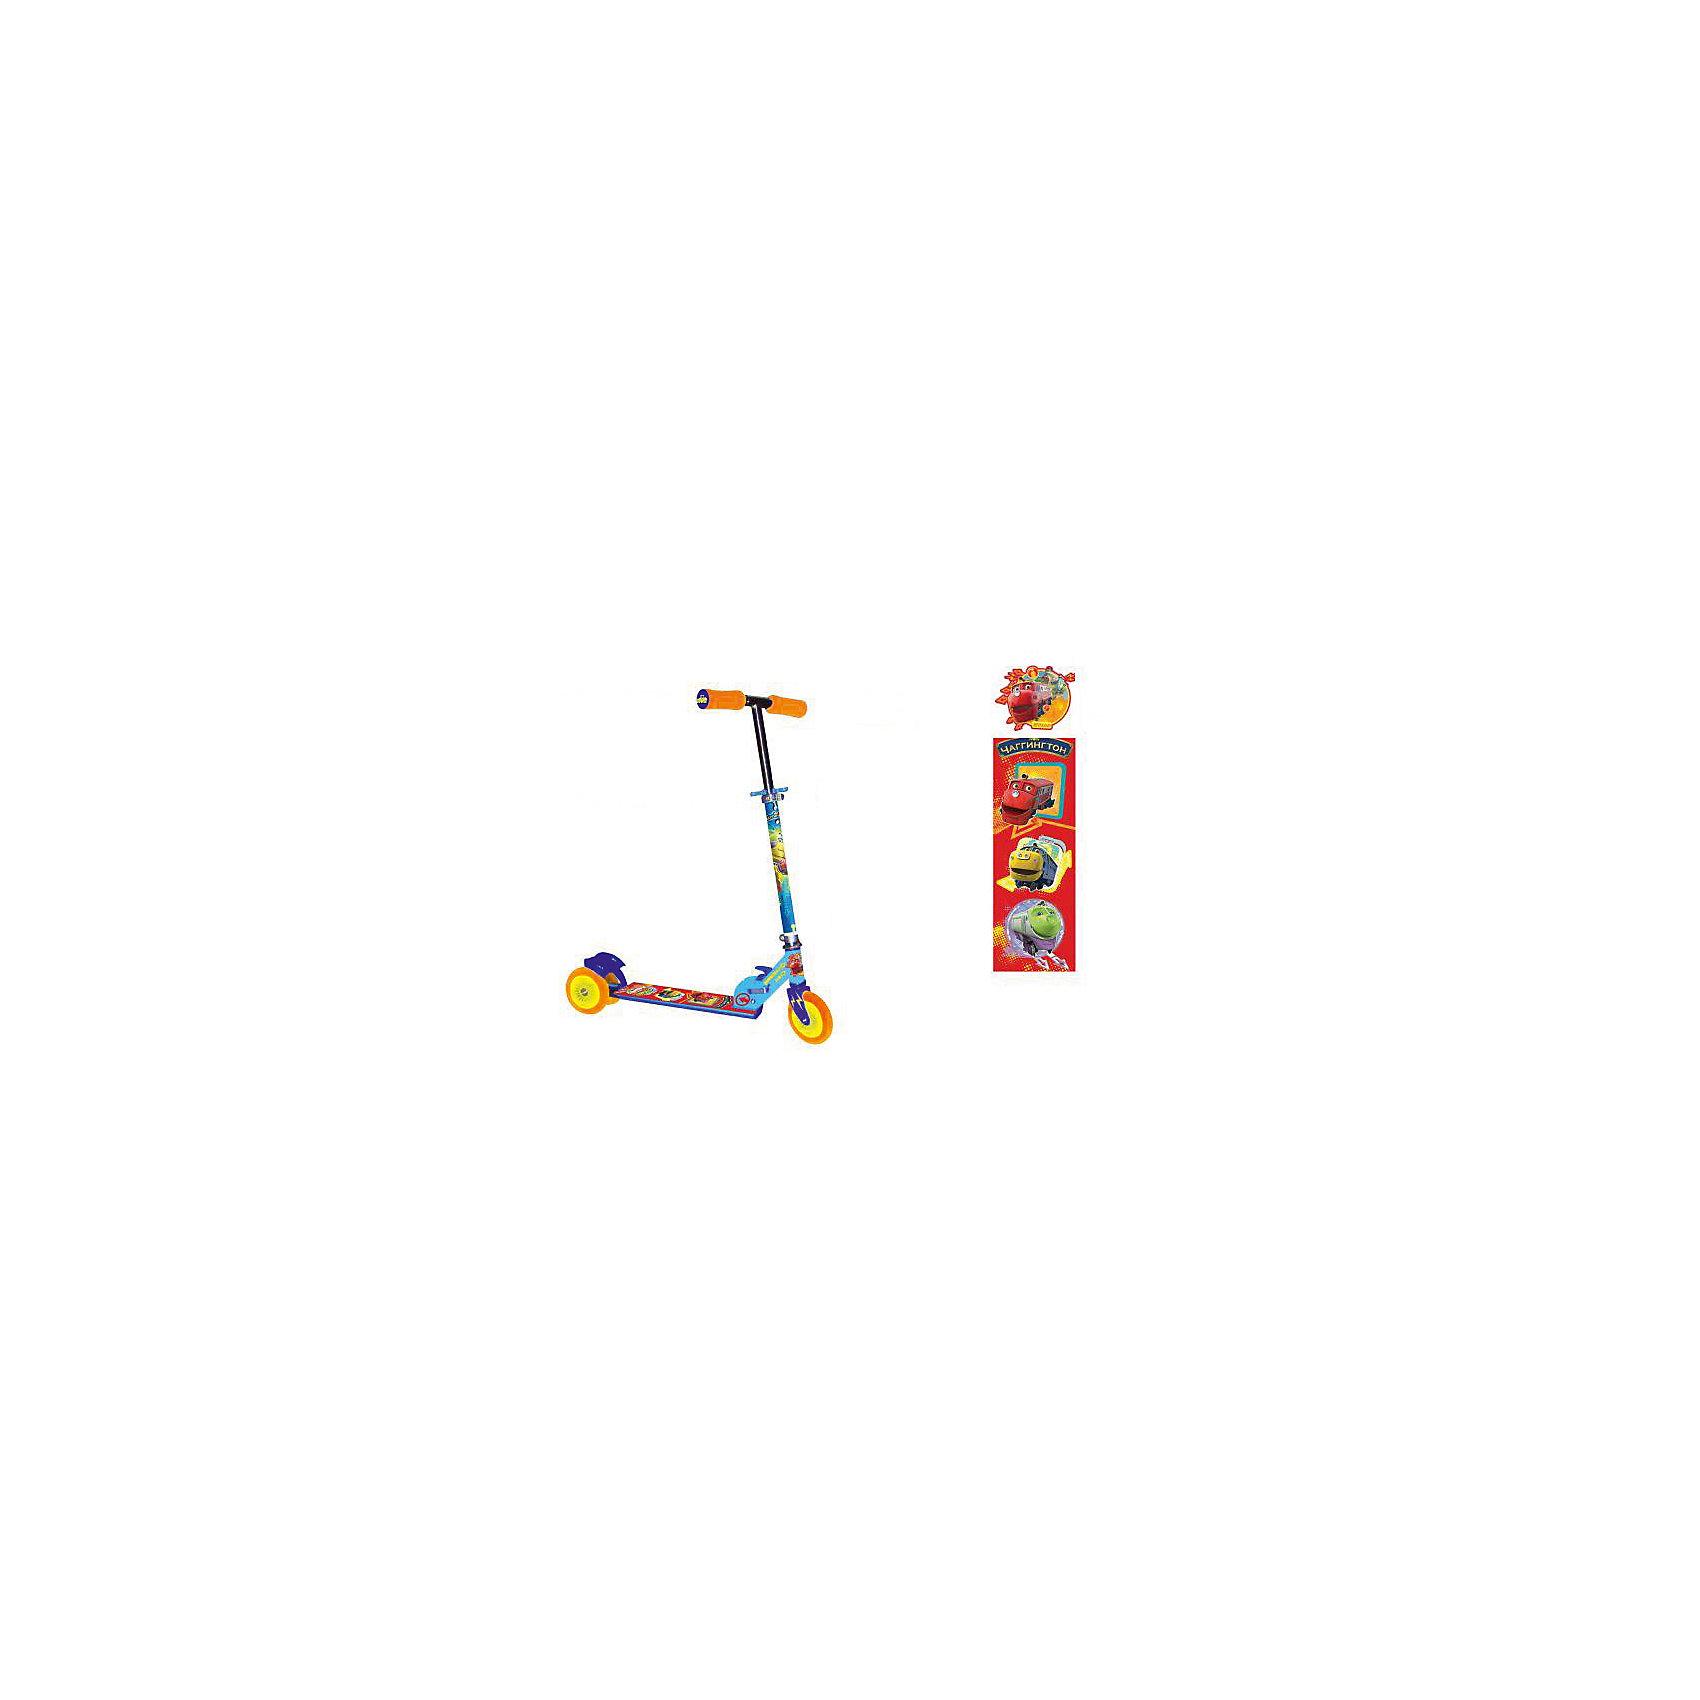 Трехколесный самокат,со светом и голографией, Чаггингтон